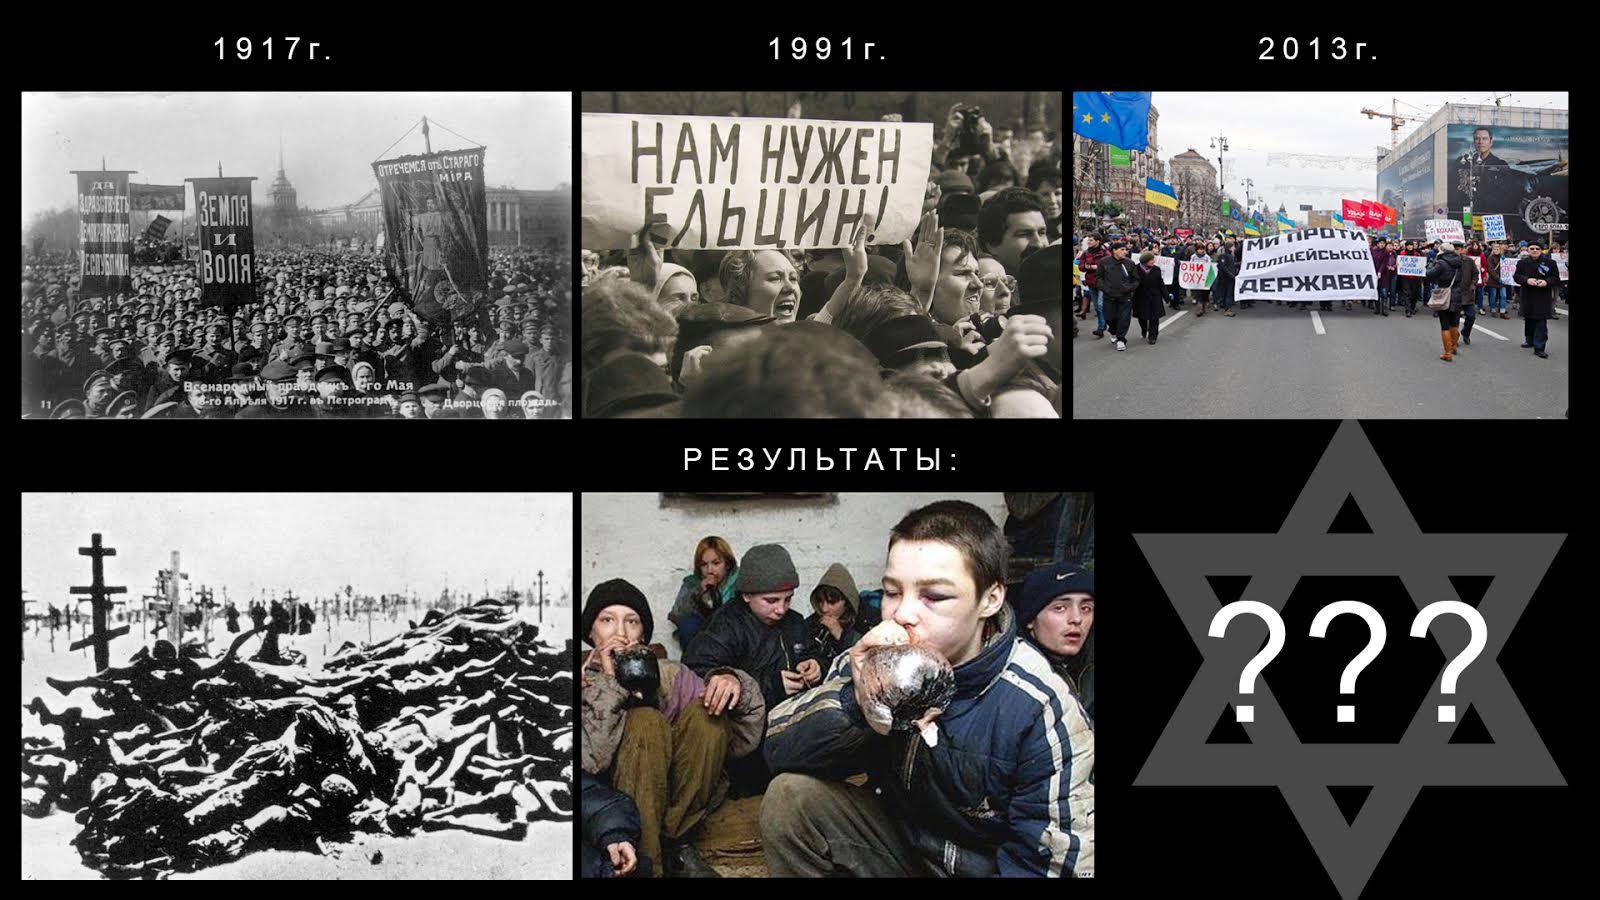 RevoluziiJews